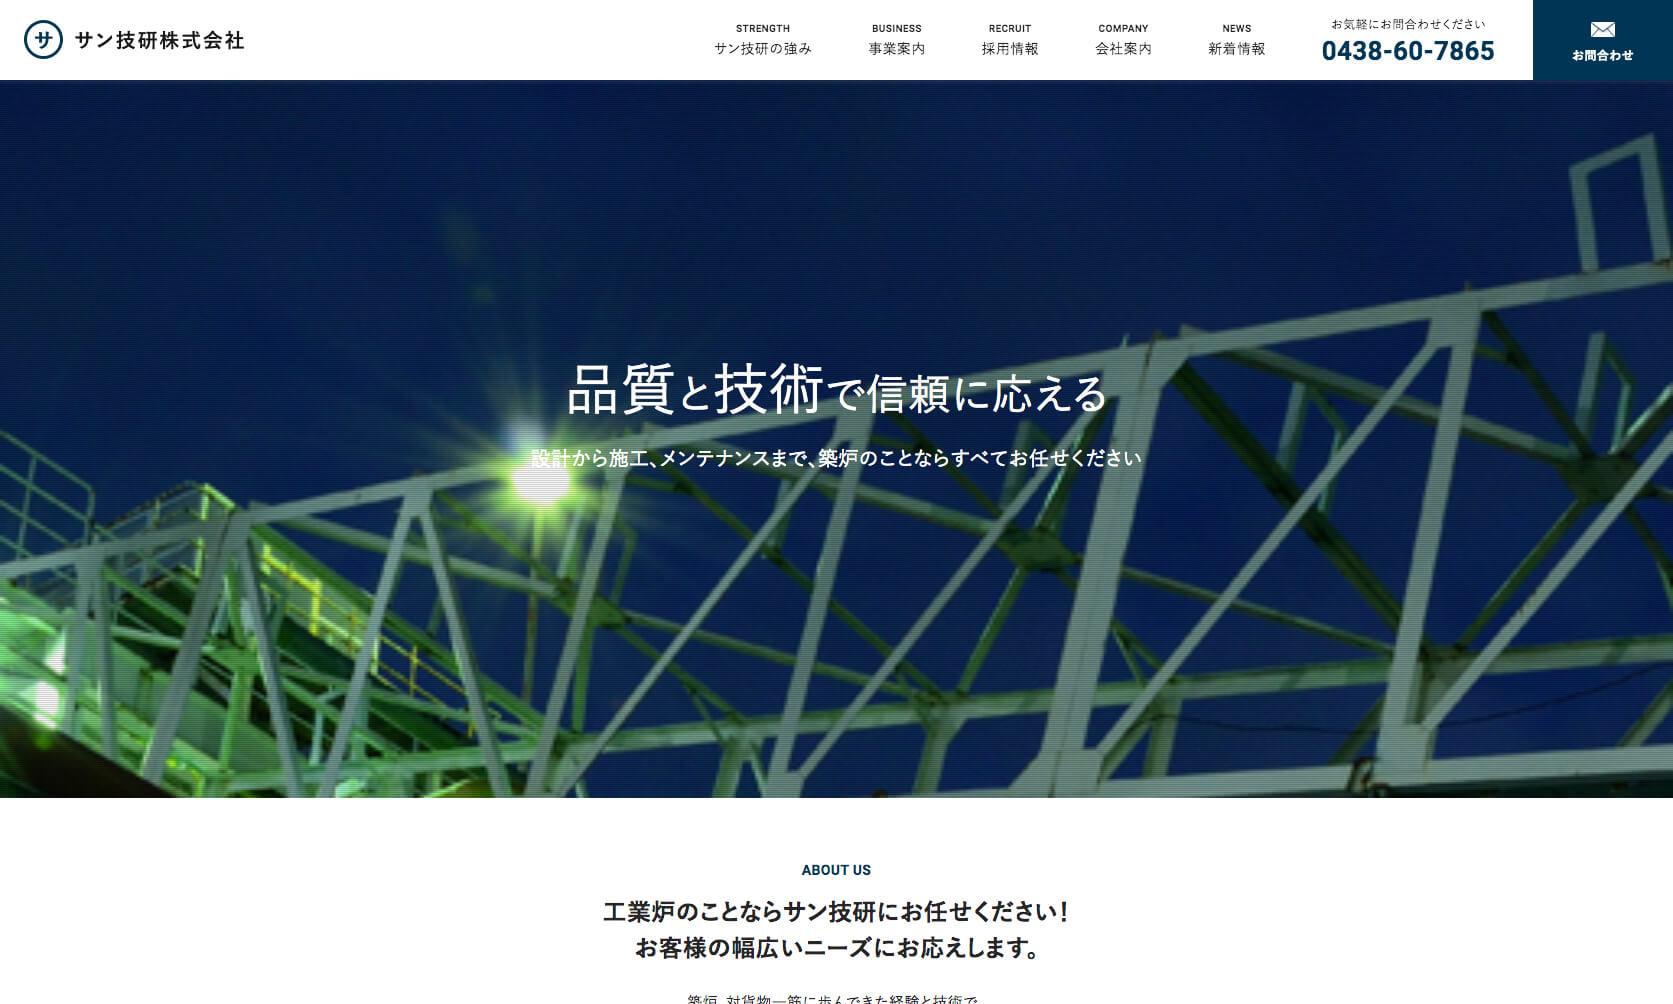 サン技研株式会社